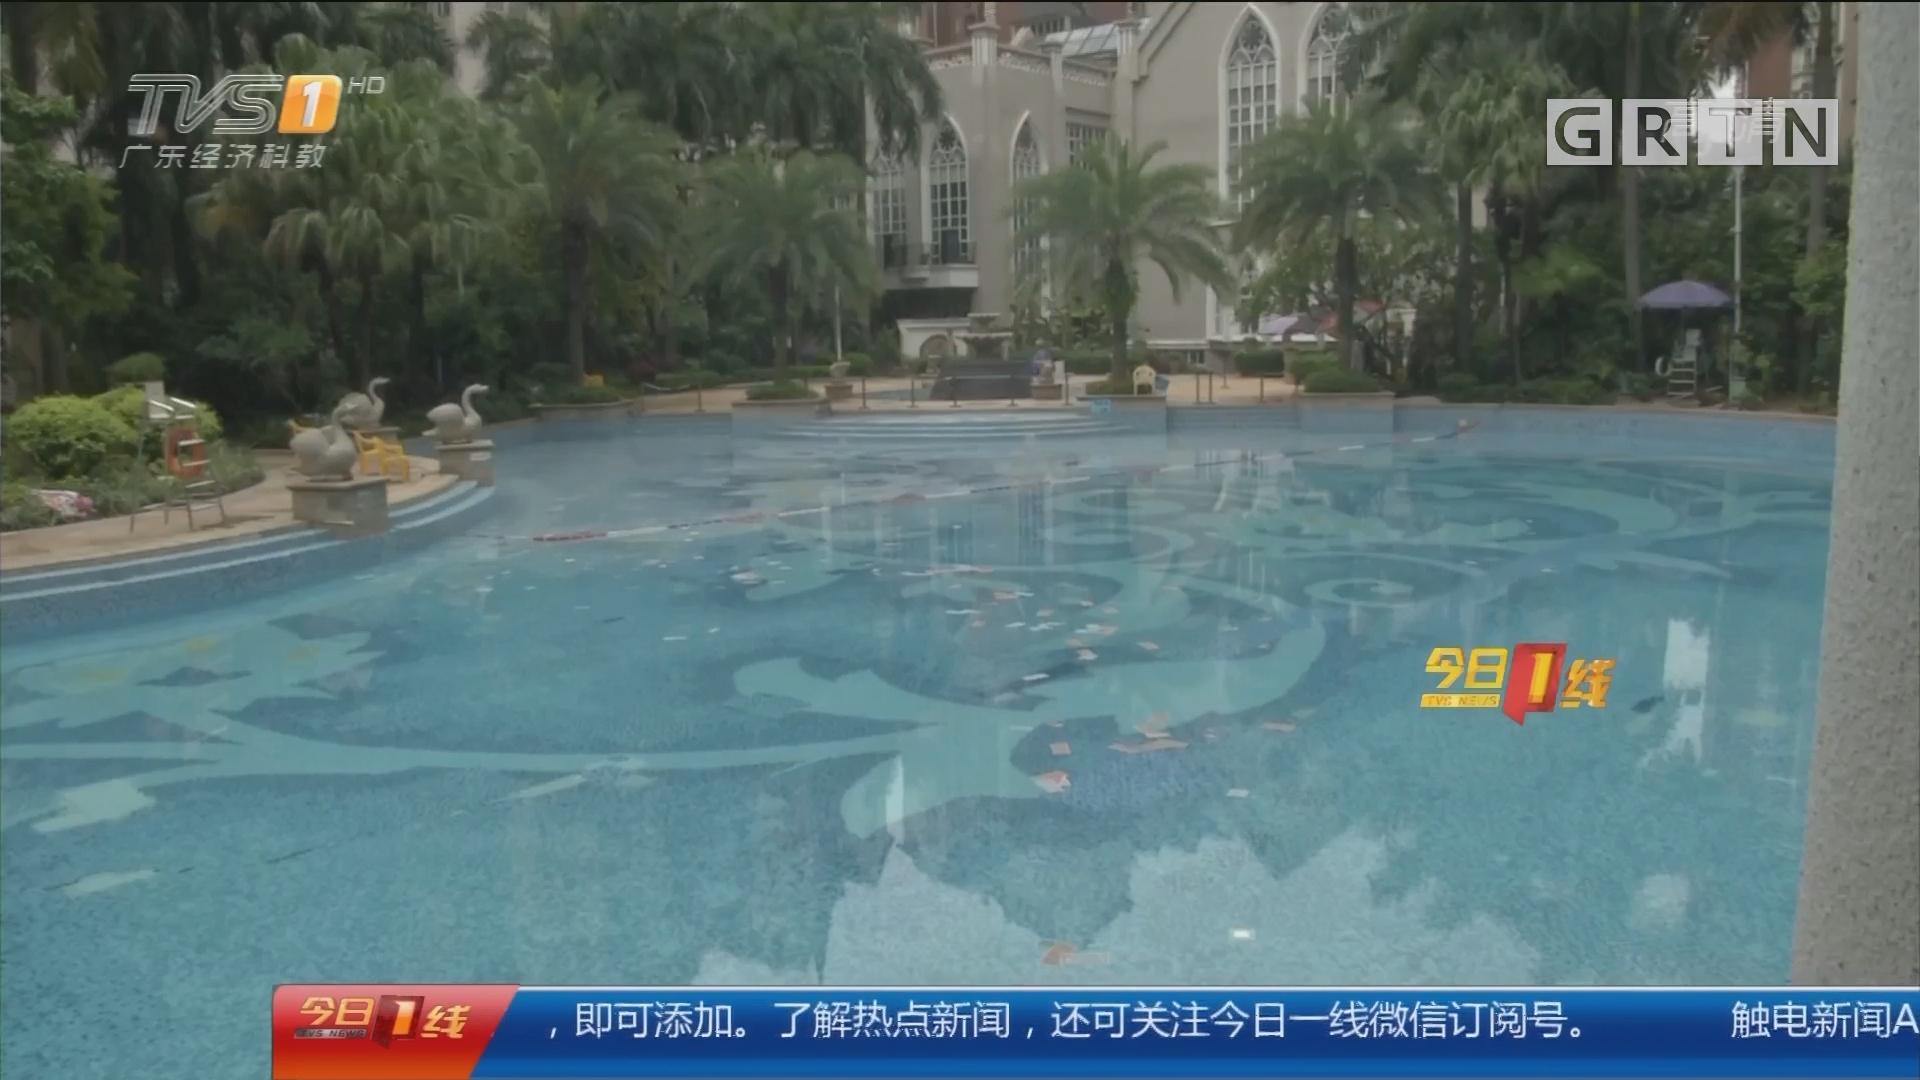 广州:悲剧敲响警钟 11岁女童泳池溺亡